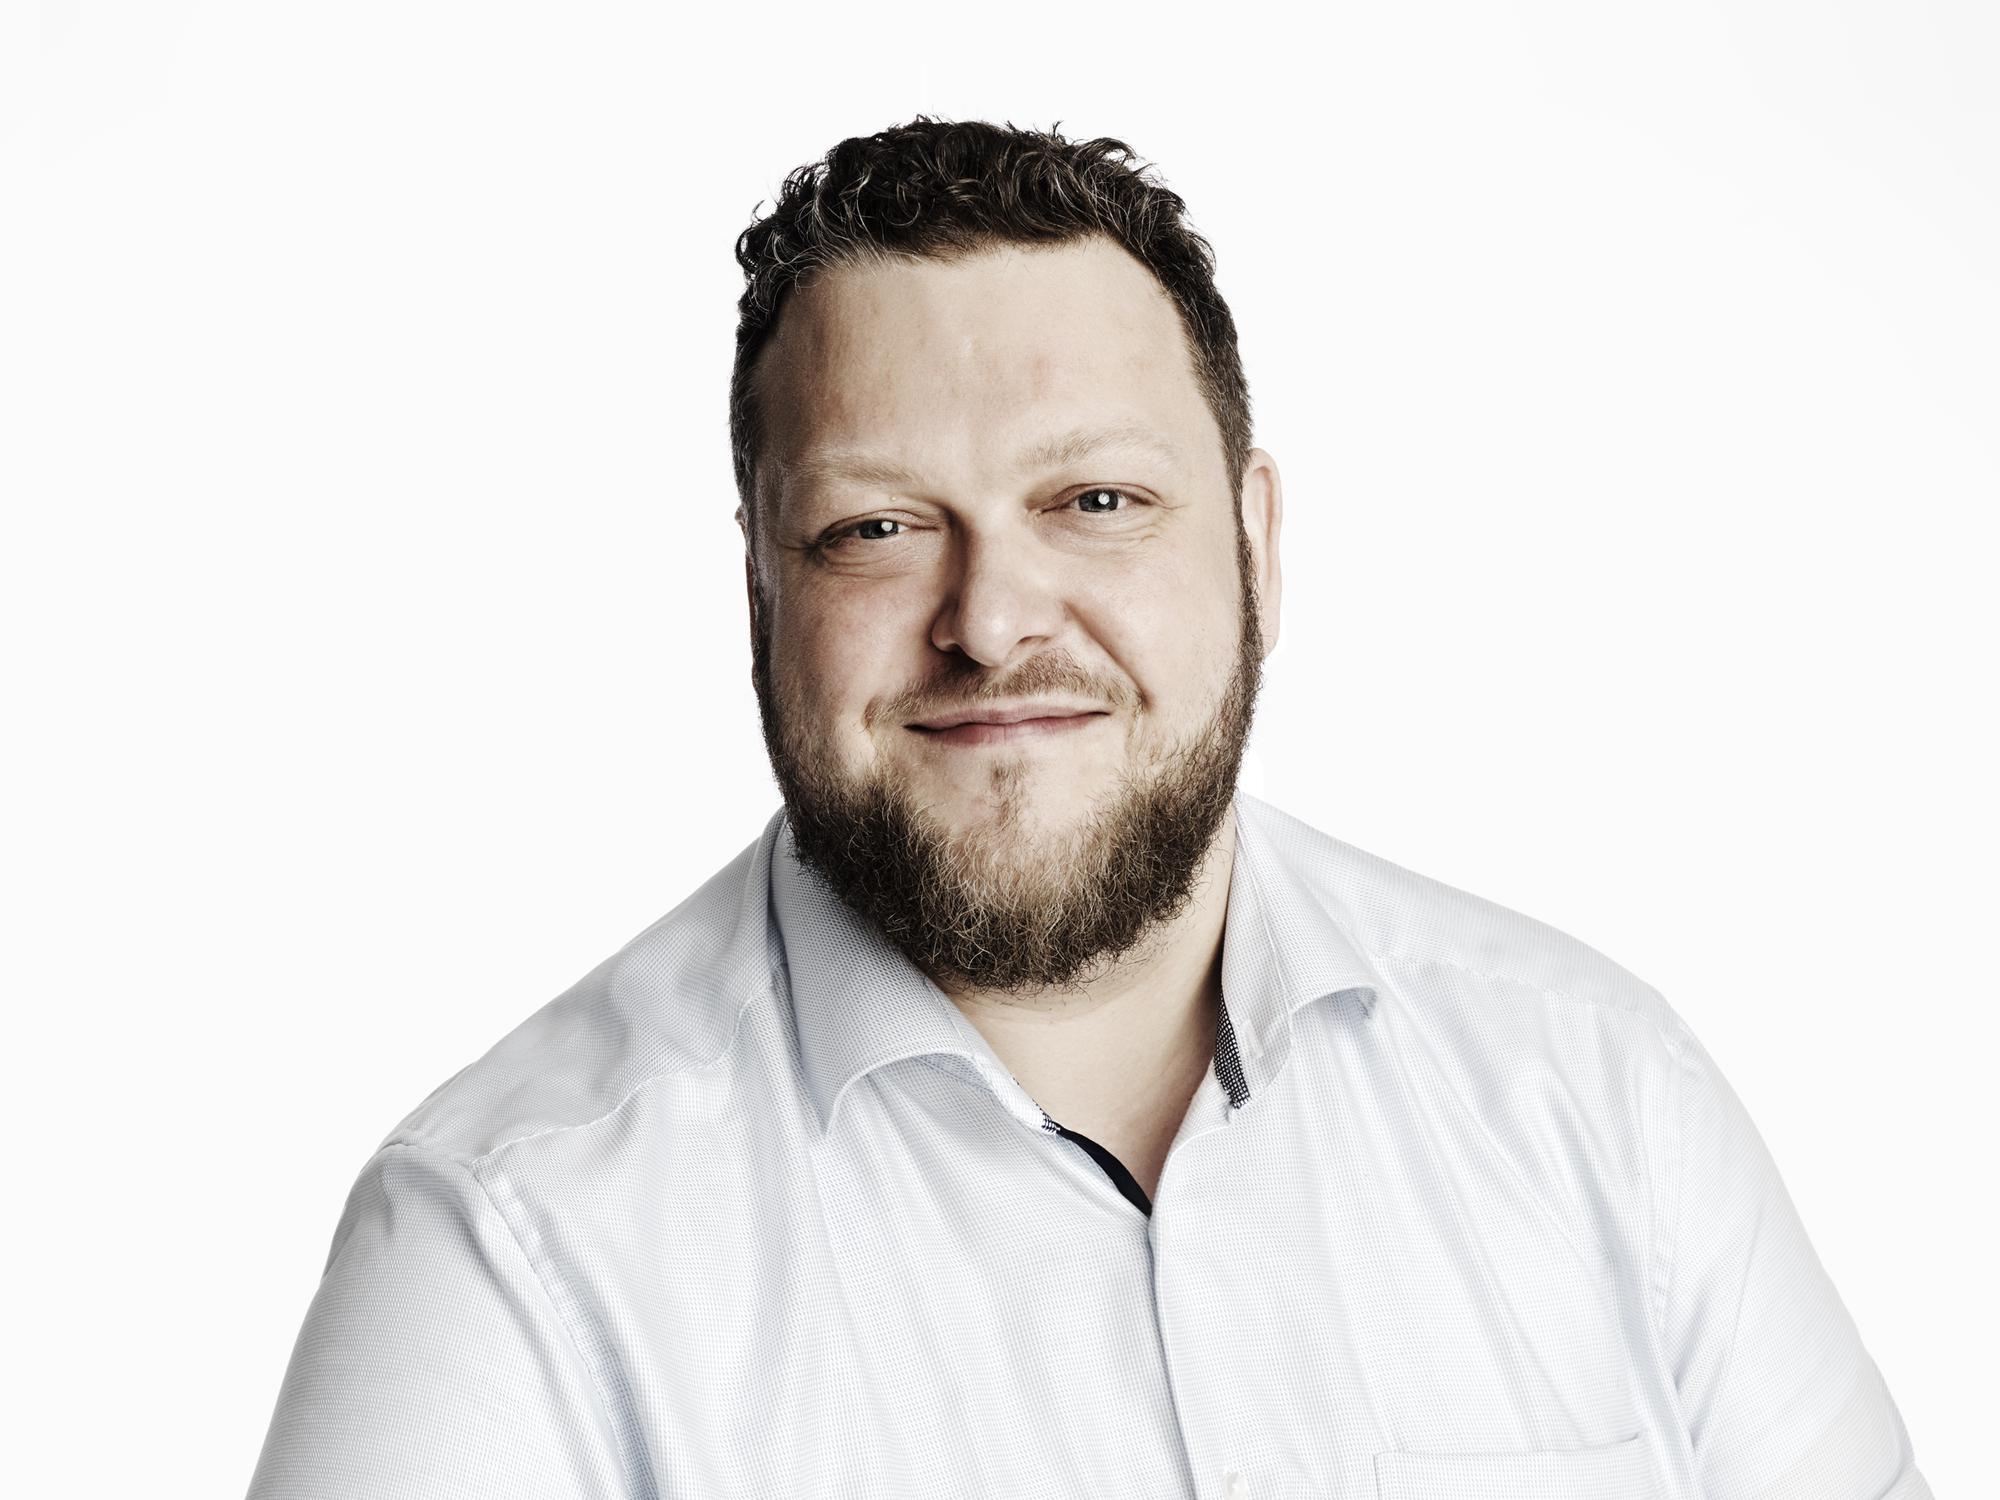 Martin Dyhr Jørgensen